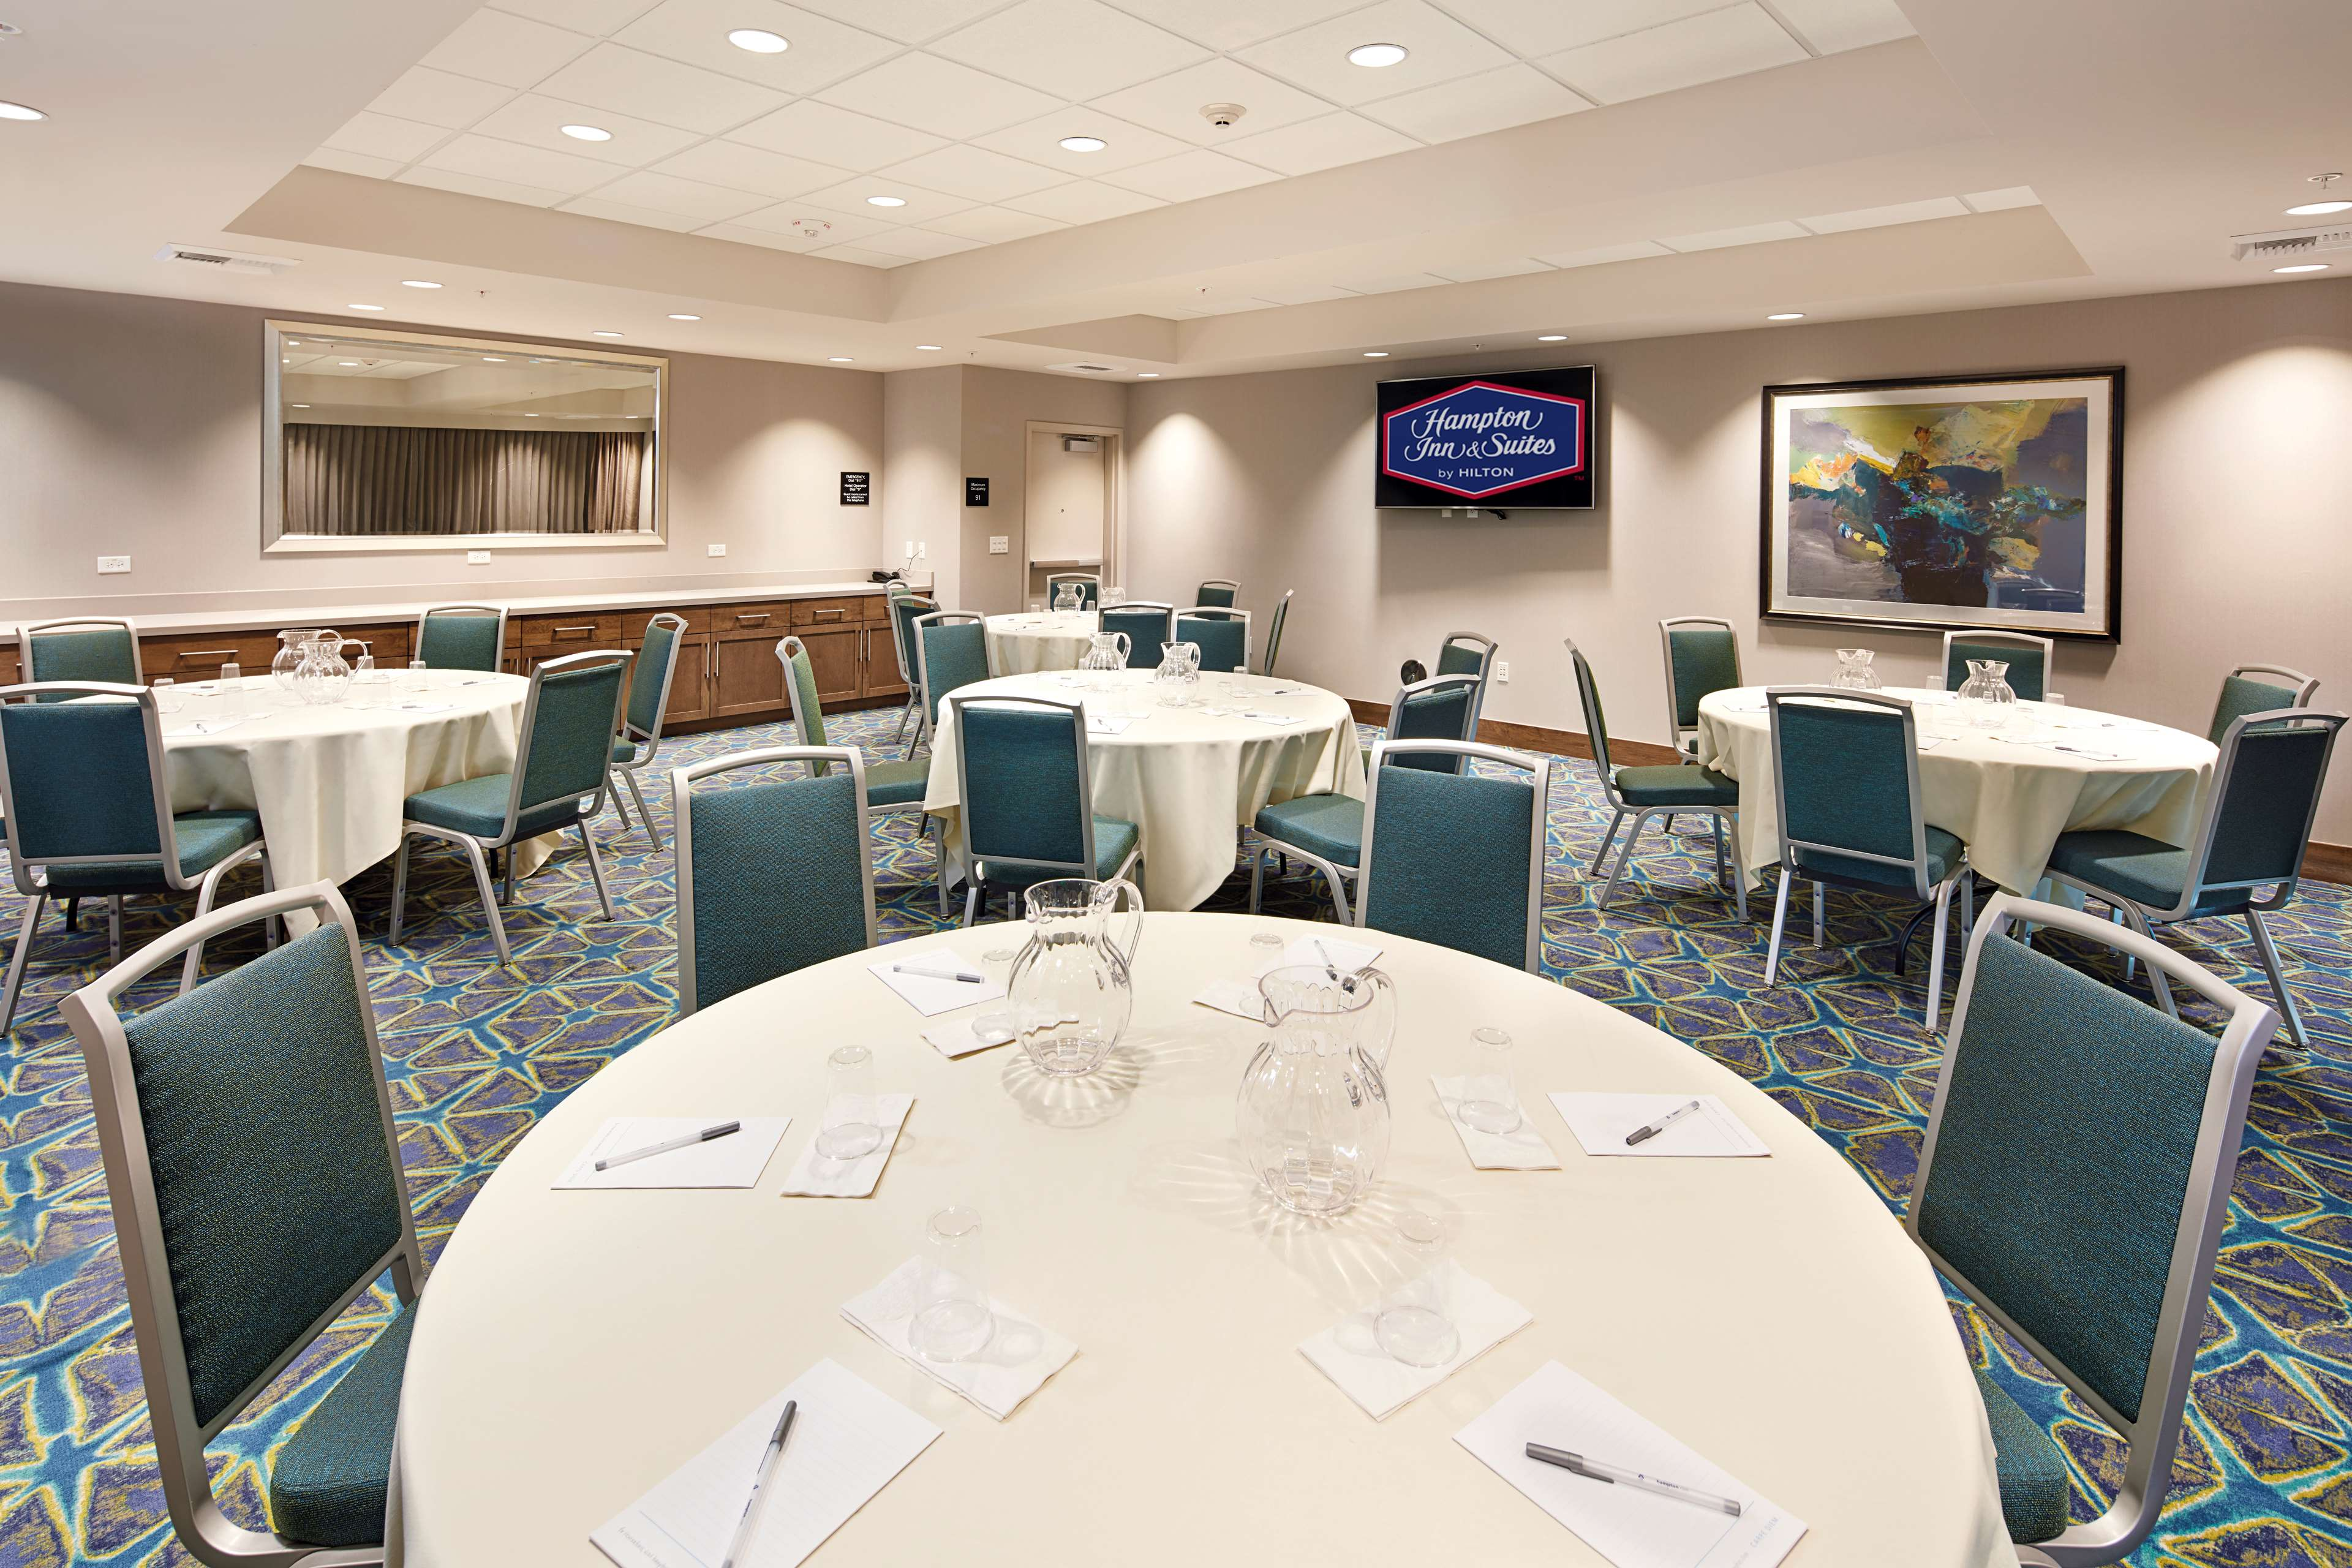 Hampton Inn & Suites Sacramento at CSUS image 49